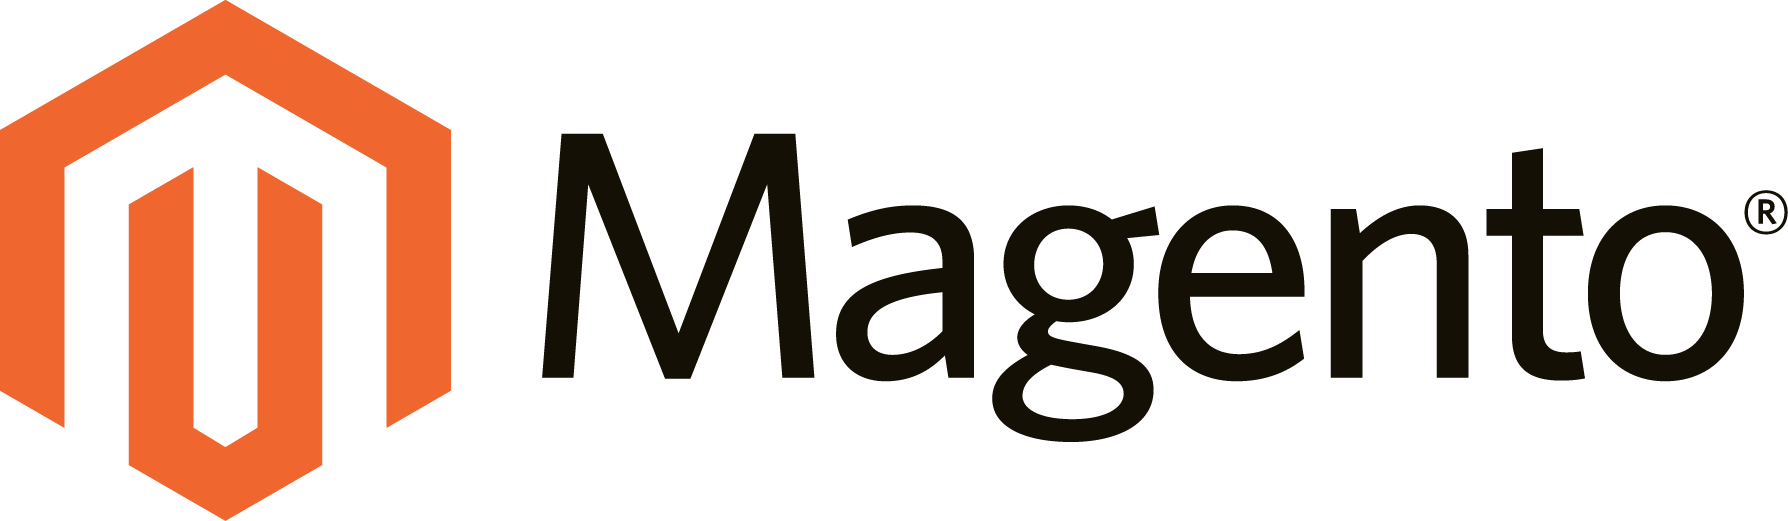 Magento Logo png